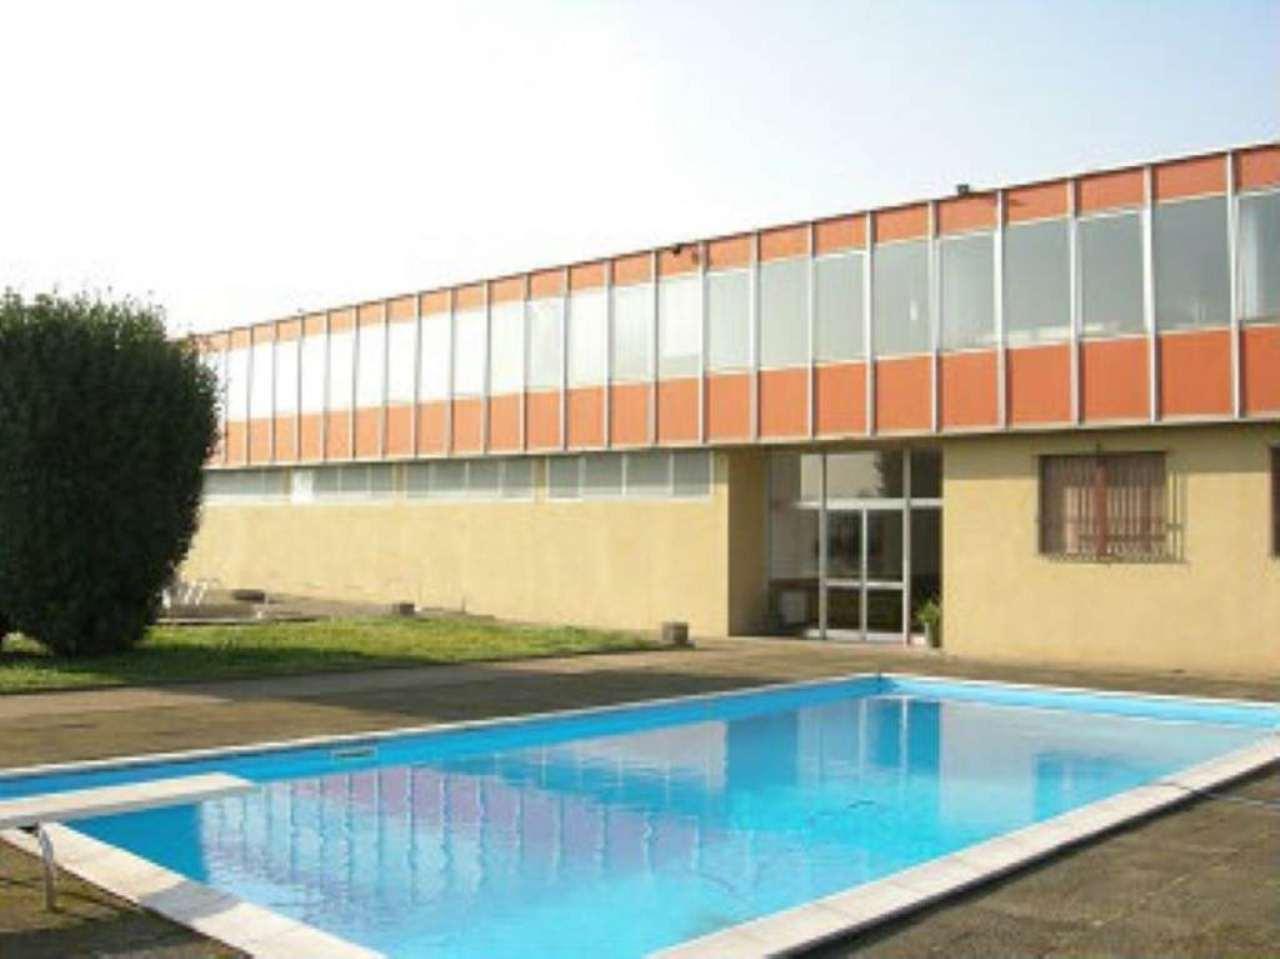 Ufficio / Studio in vendita a Cassina de' Pecchi, 9999 locali, Trattative riservate | Cambio Casa.it